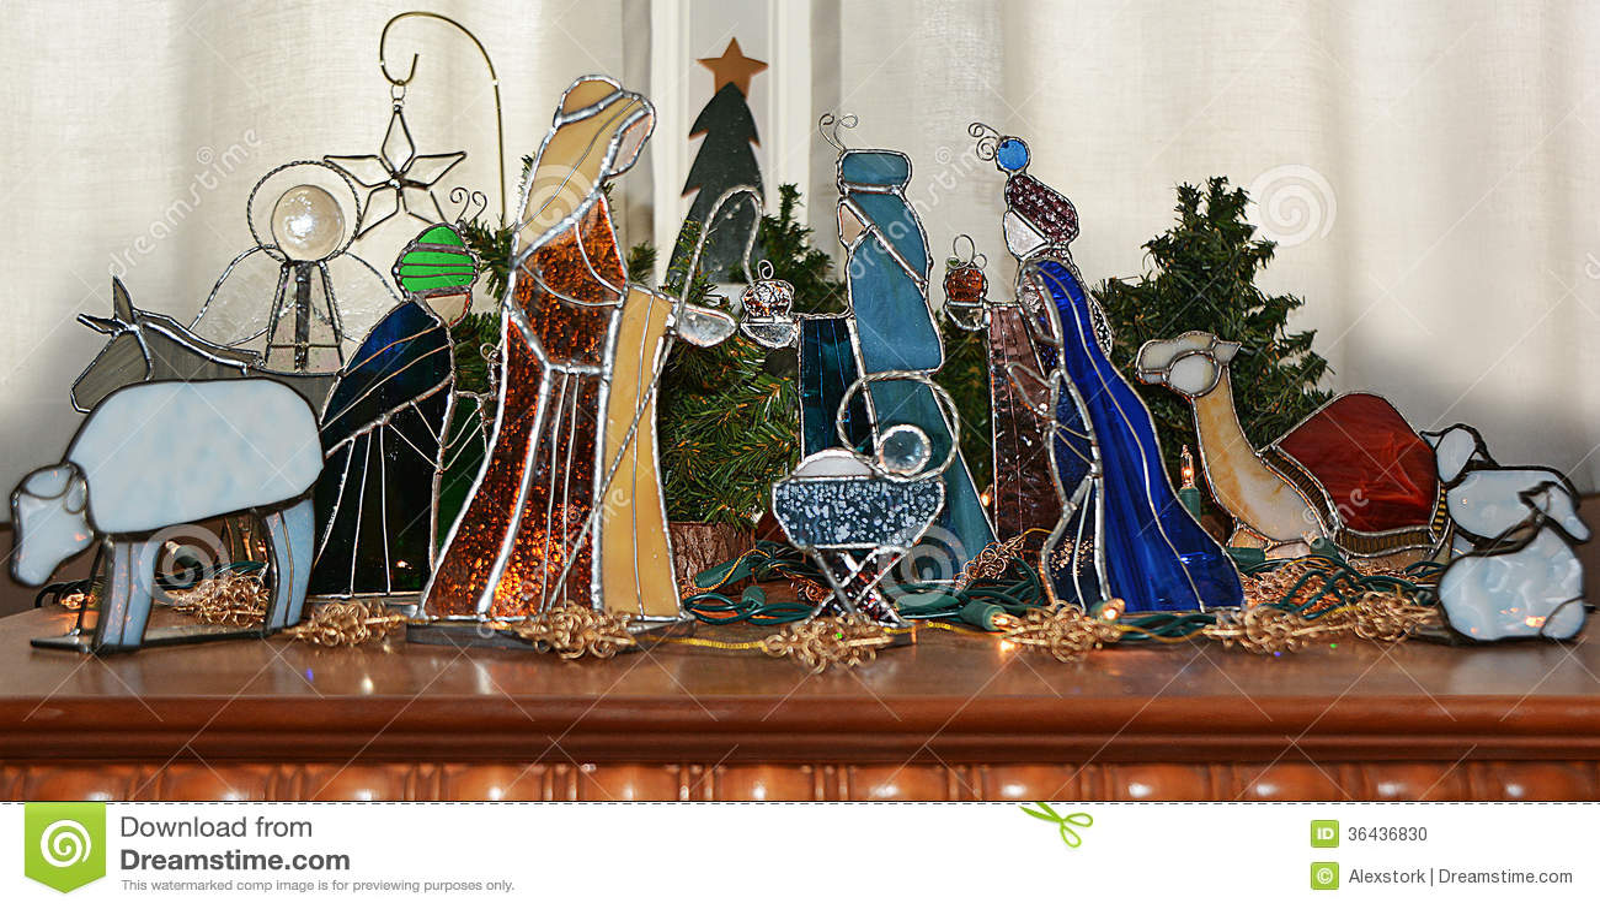 Stain Glass Nativity Scene Stock Photo Image Of Scene